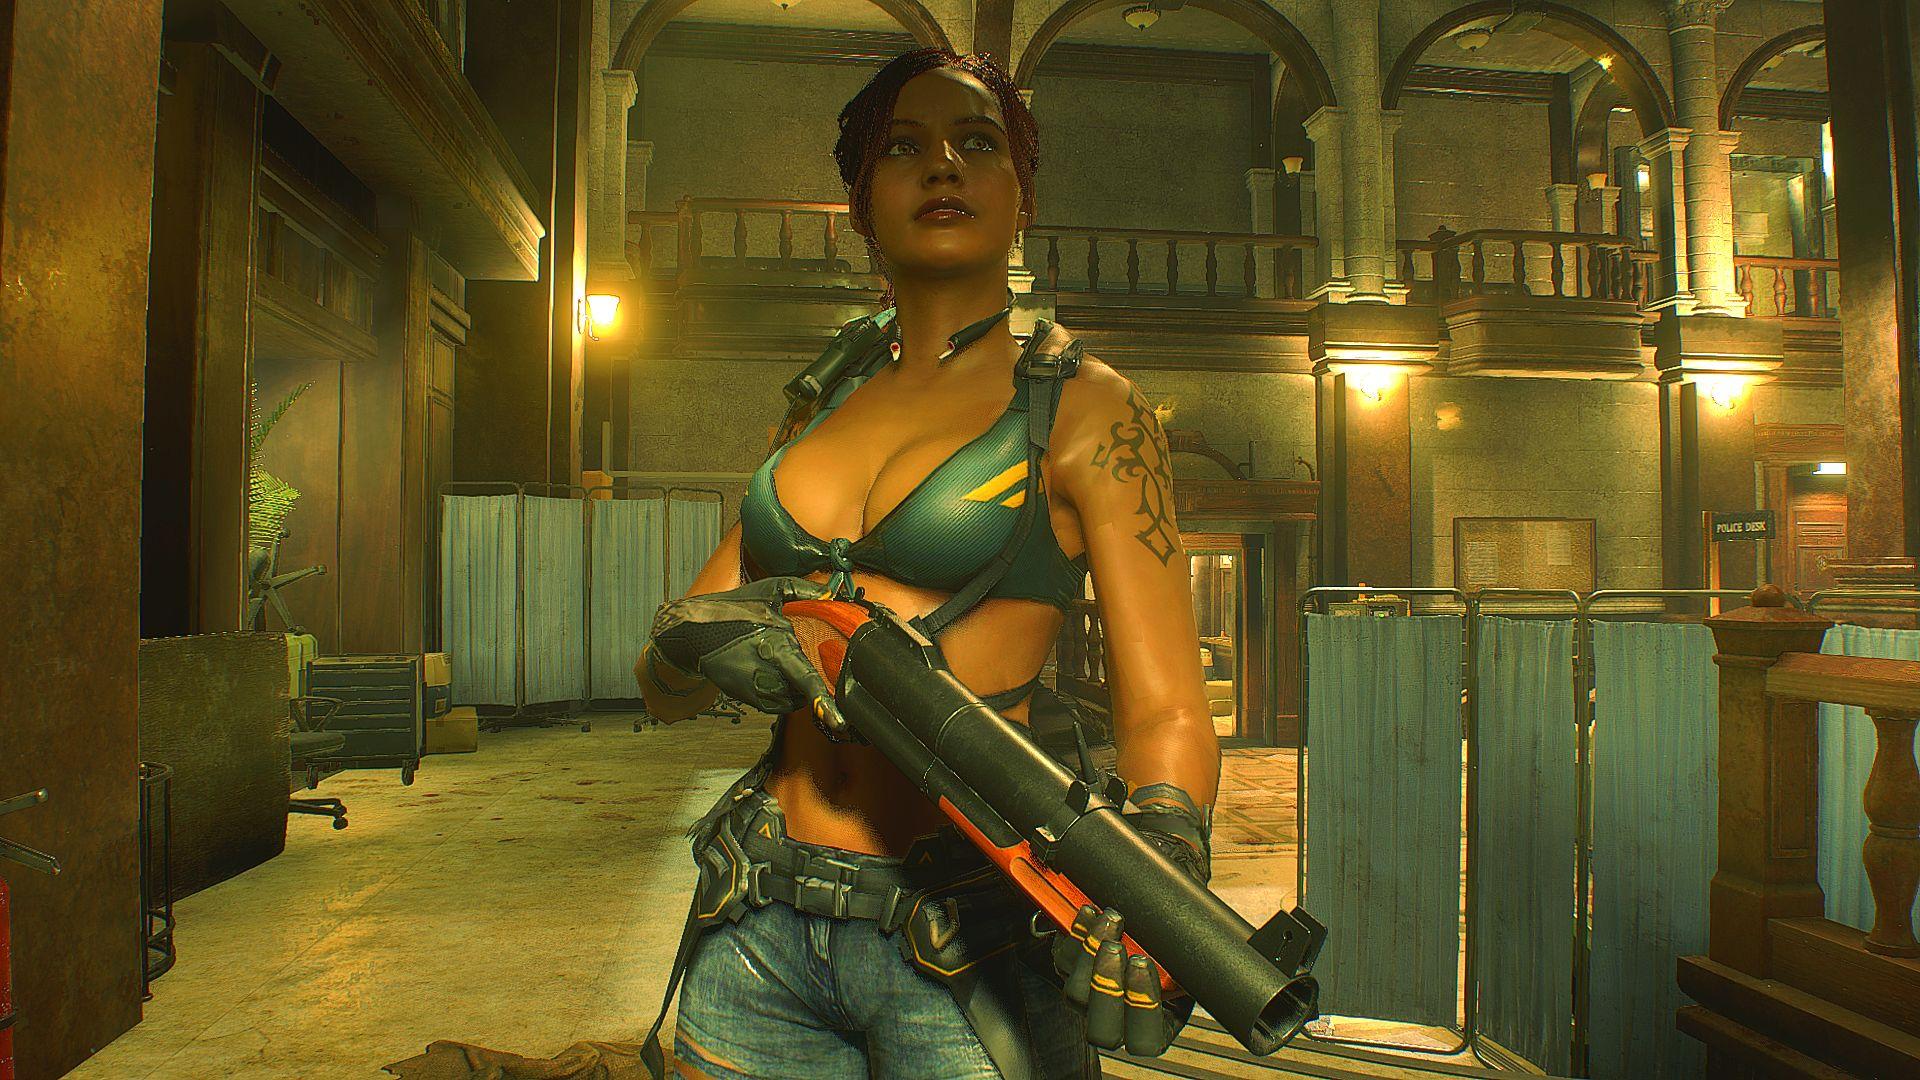 000173.Jpg - Resident Evil 2